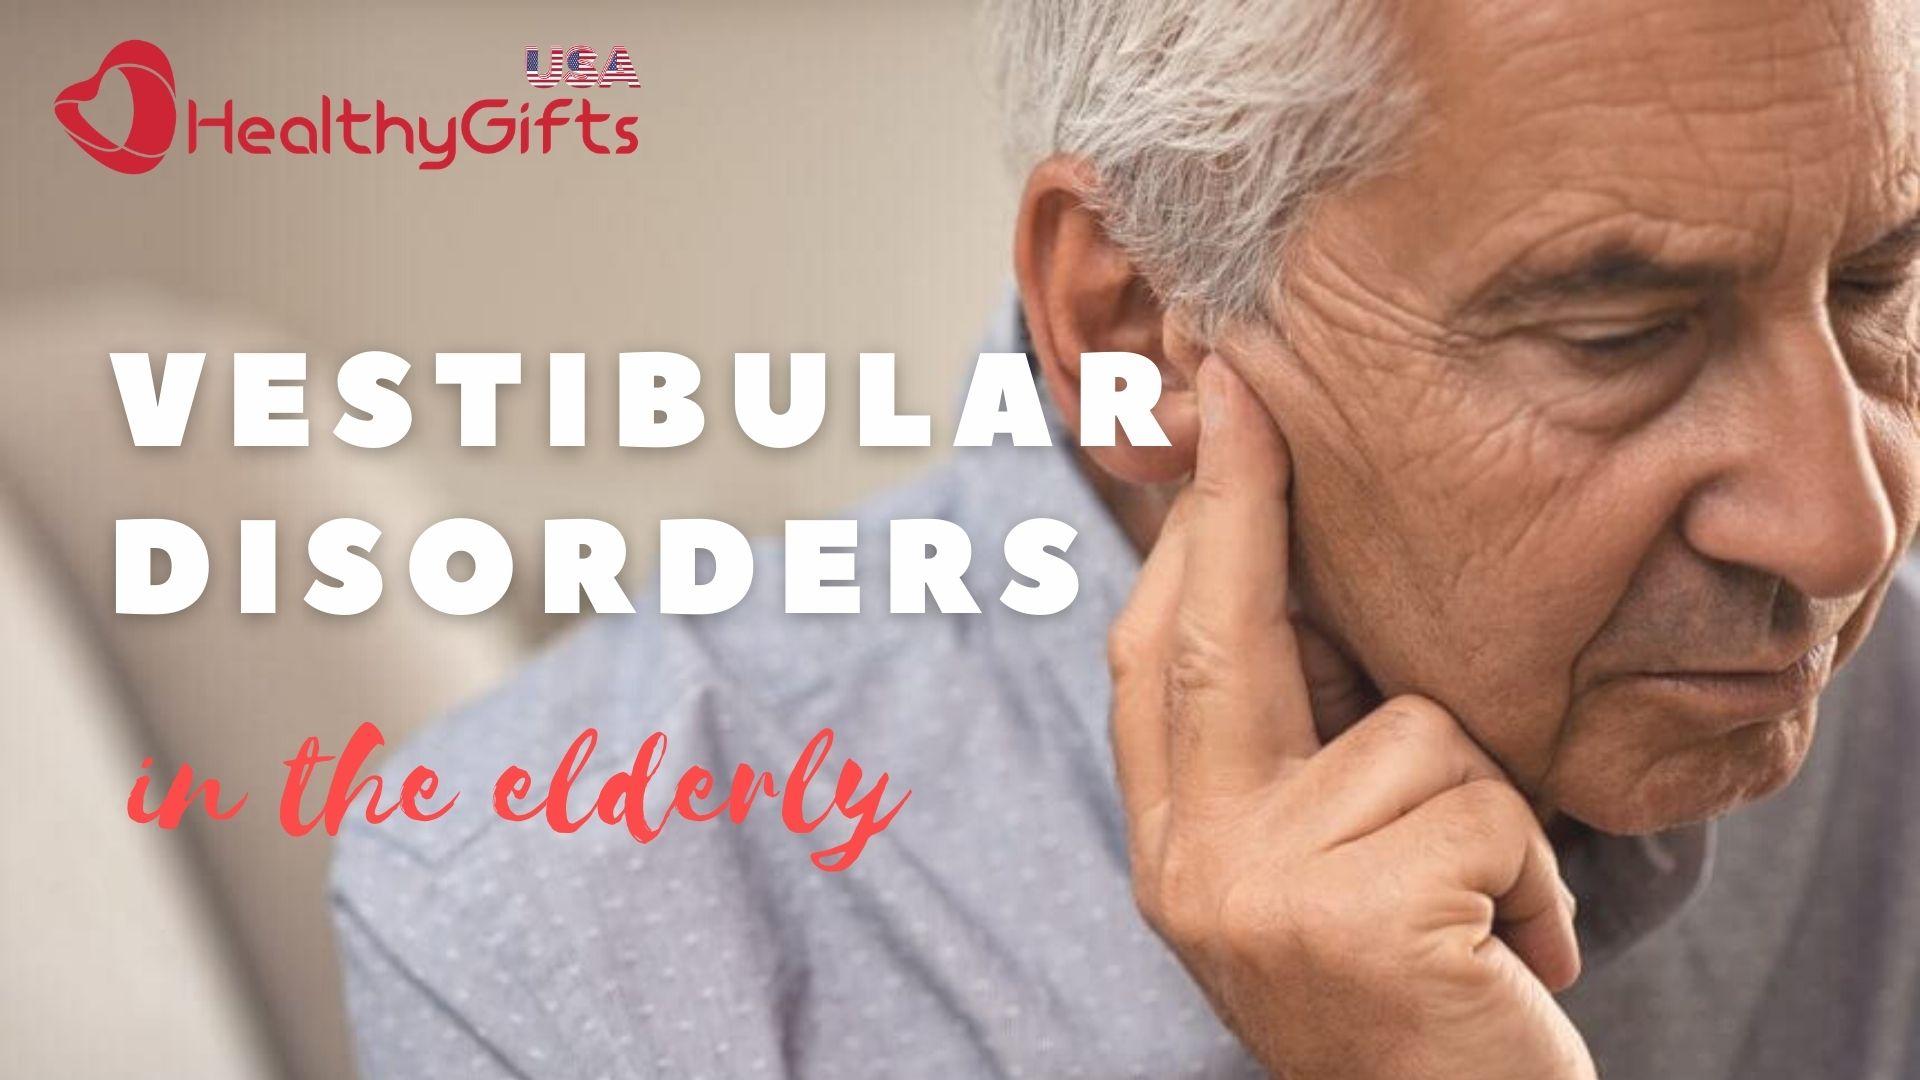 Vestibular disorders in the elderly